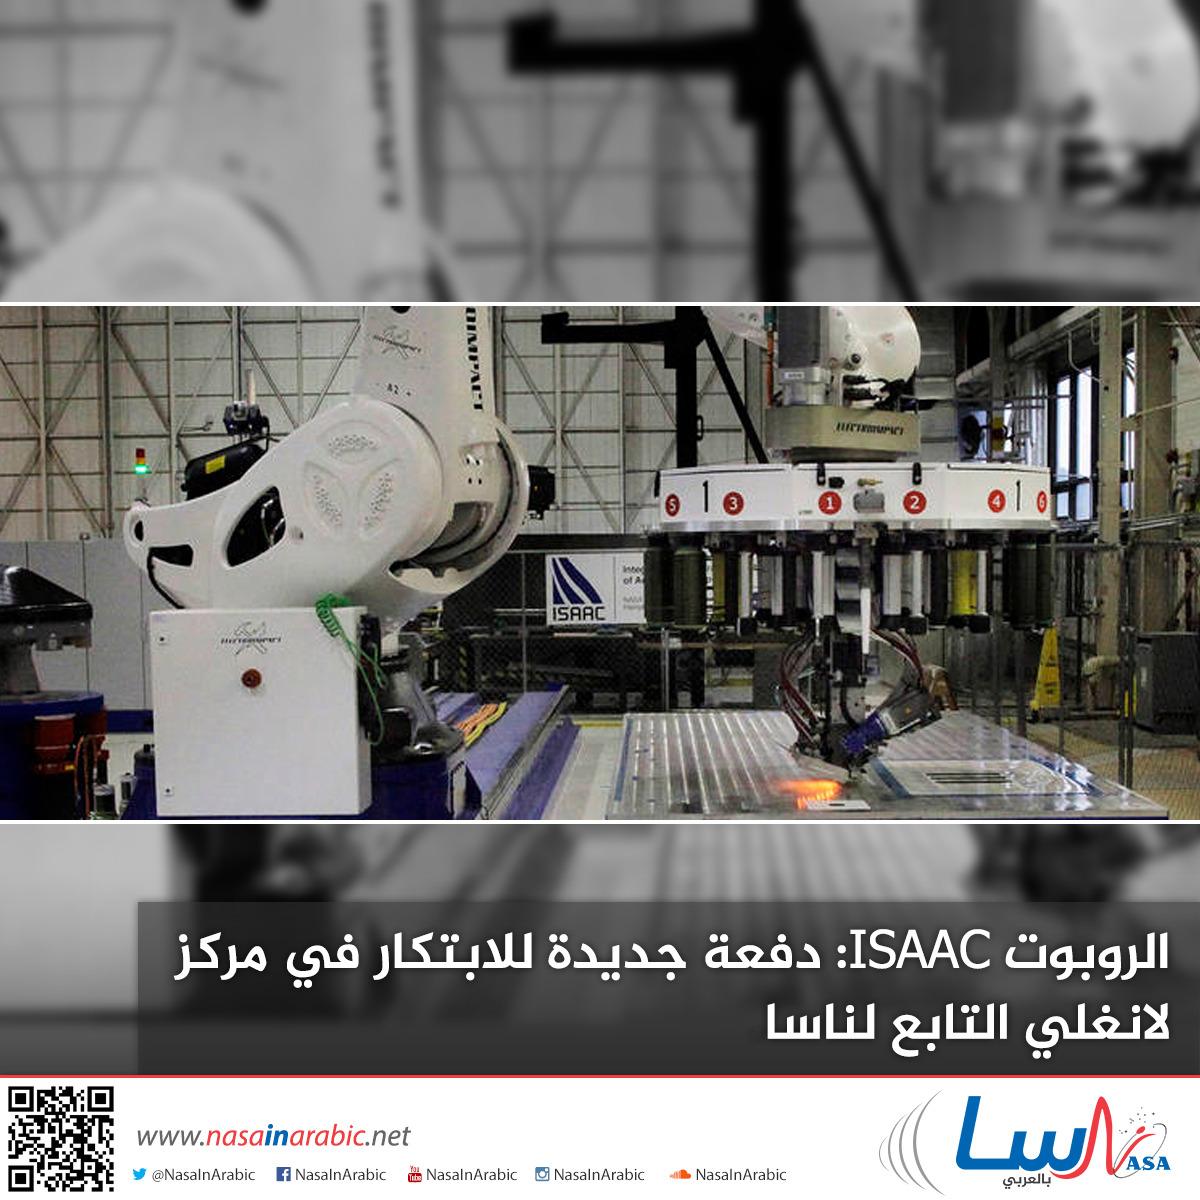 الروبوت ISAAC: دفعة جديدة للابتكار في مركز لانغلي التابع لناسا.